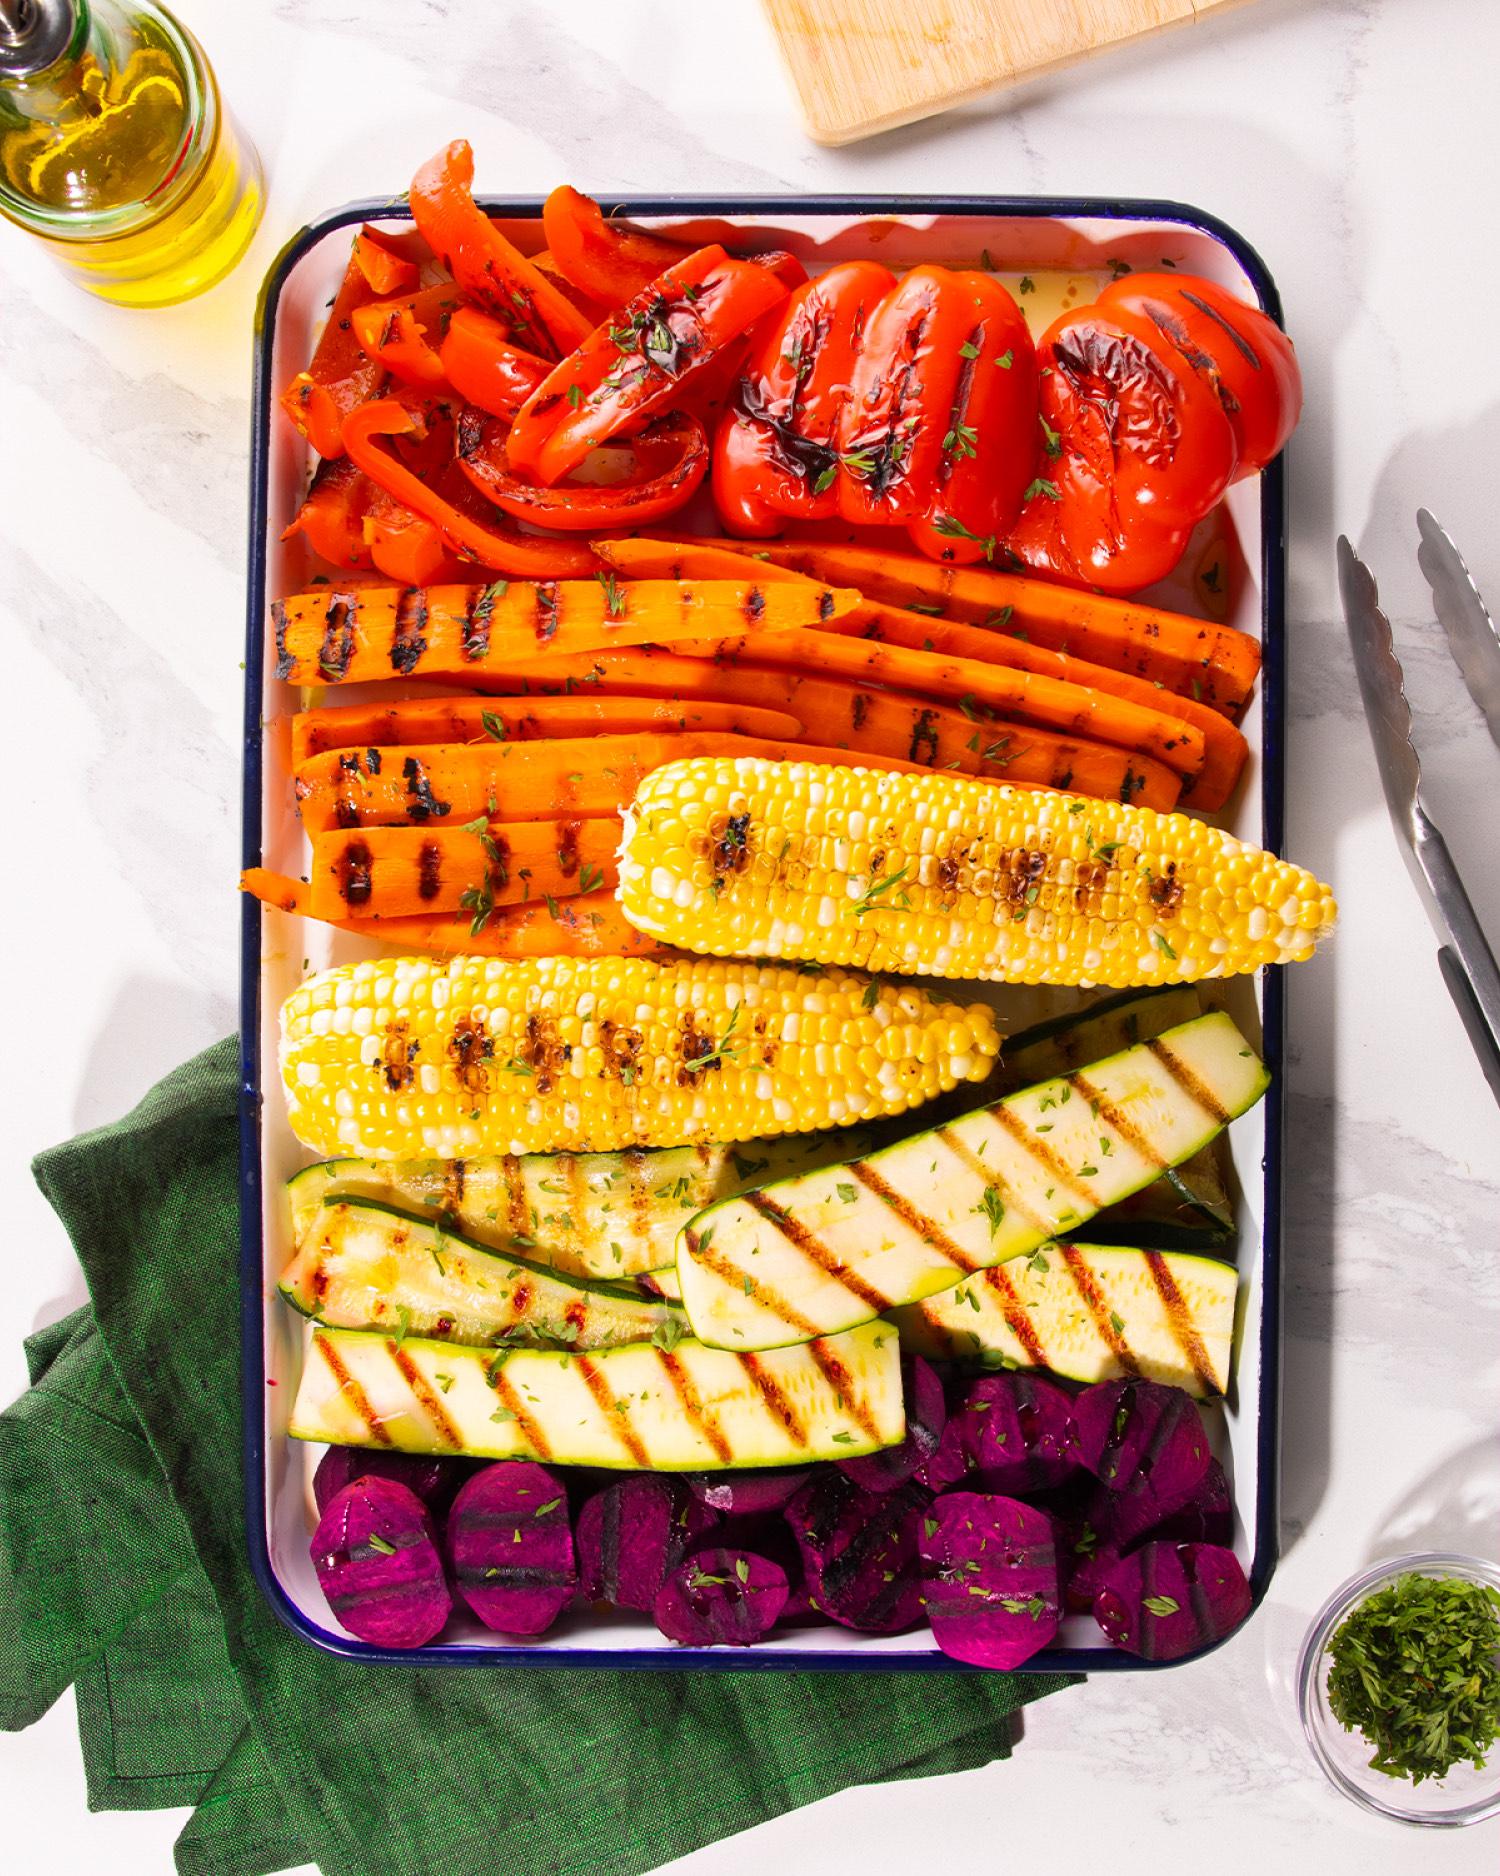 GrilledVeggies-1-squashed